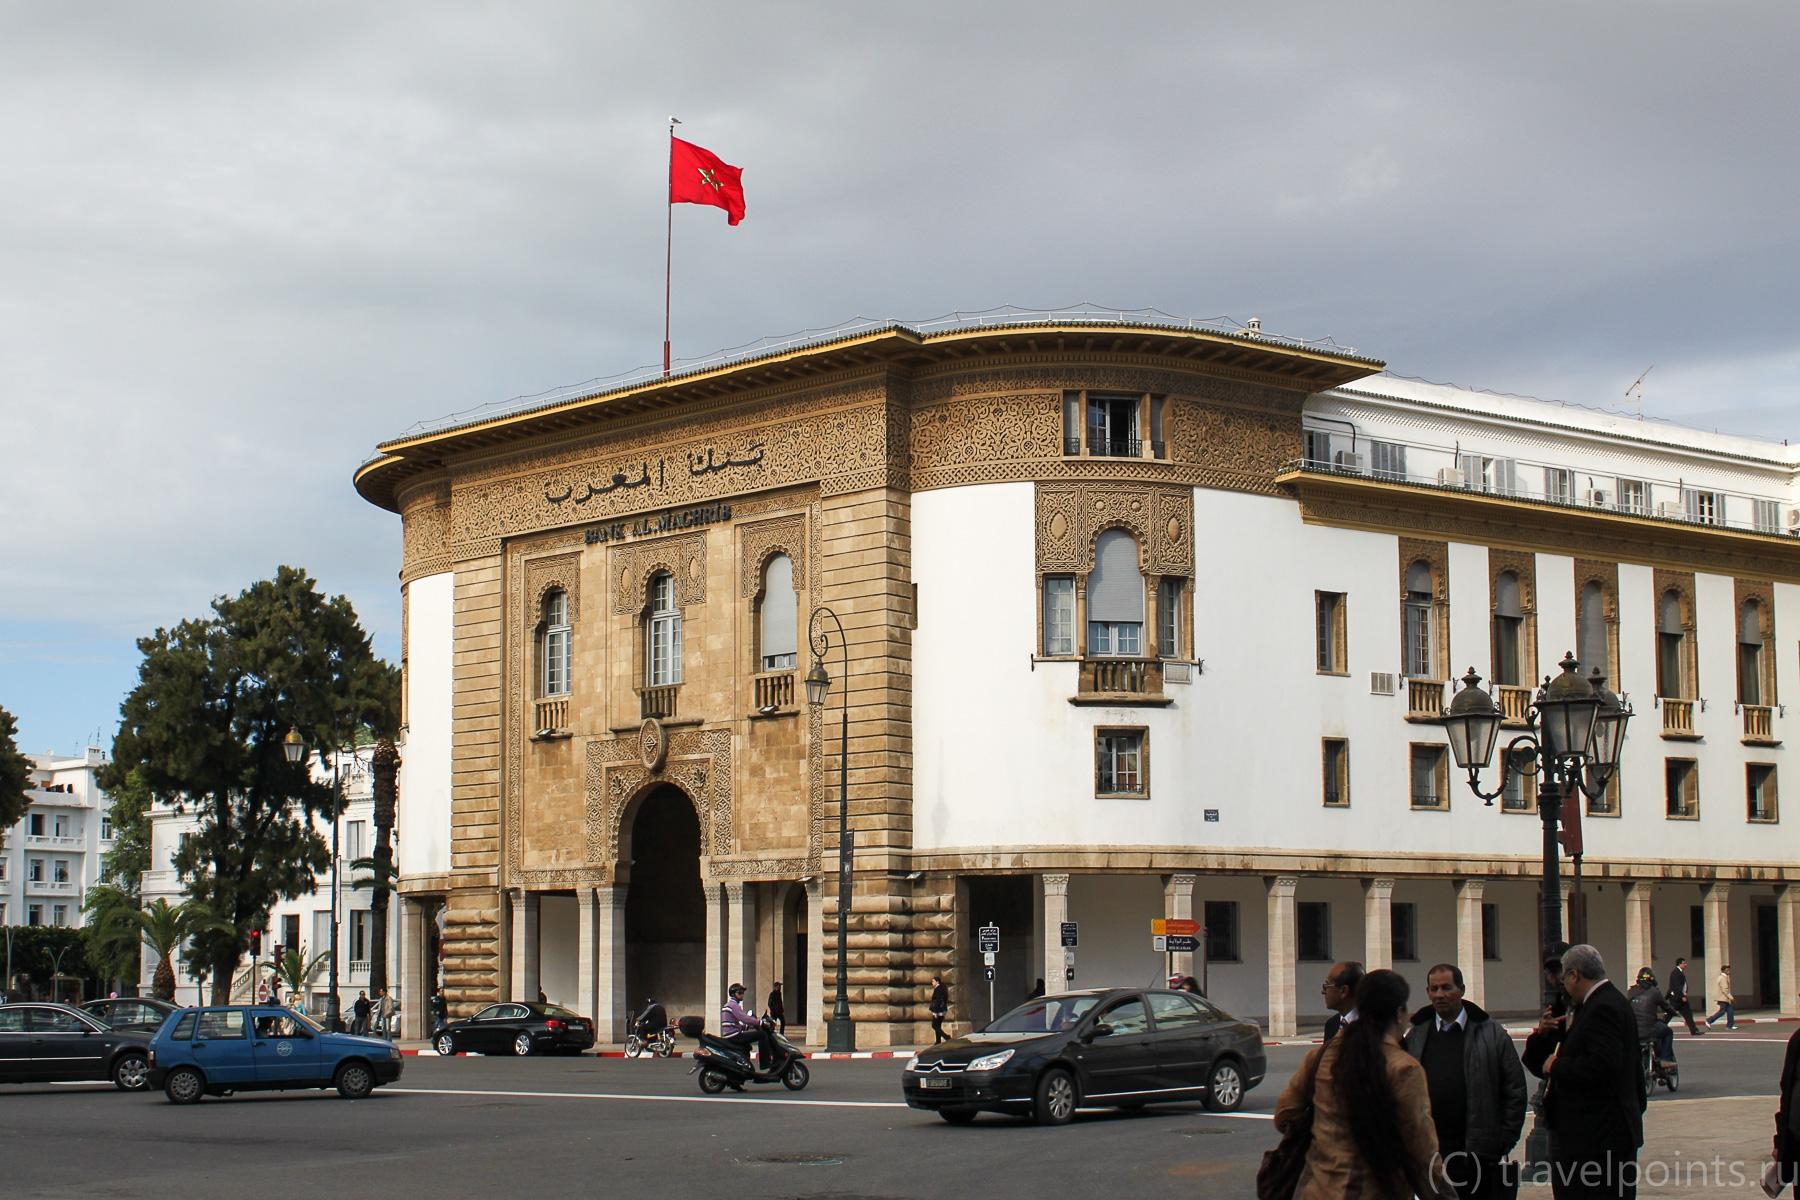 То ли почта, то ли банк. Просто красивое здание в центре